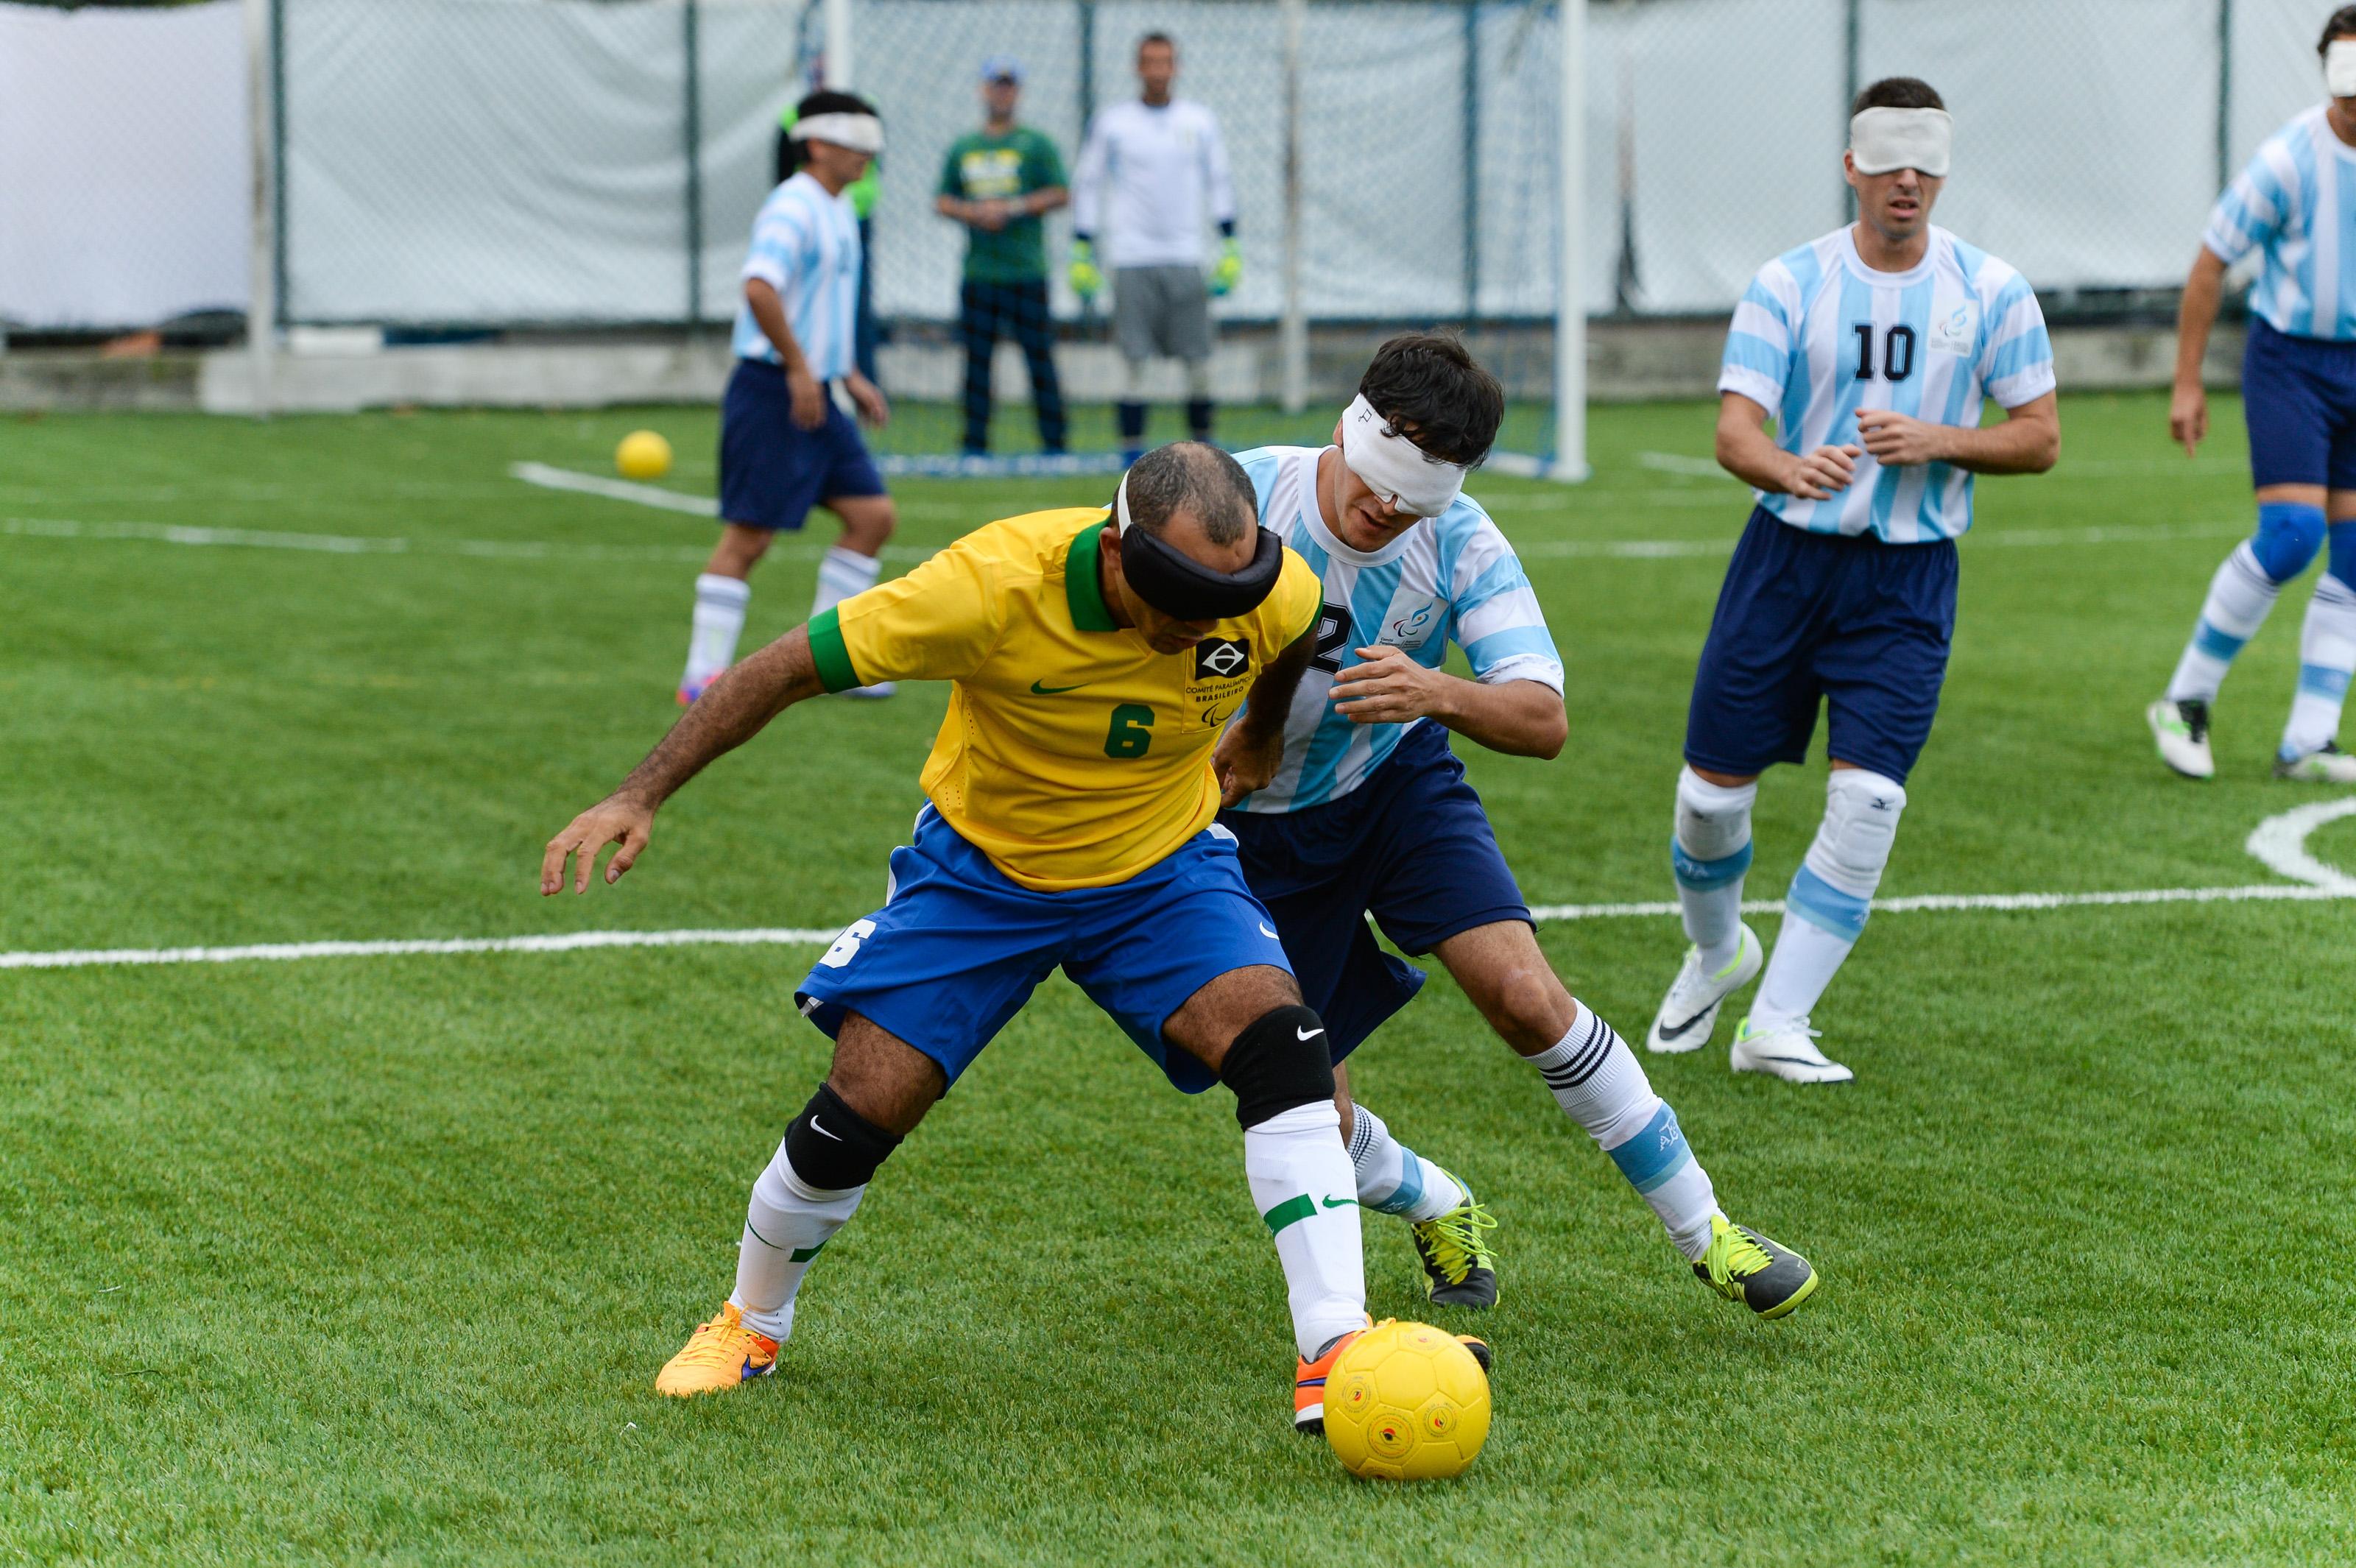 Brasil e Argentina disputam partida de futebol de cinco